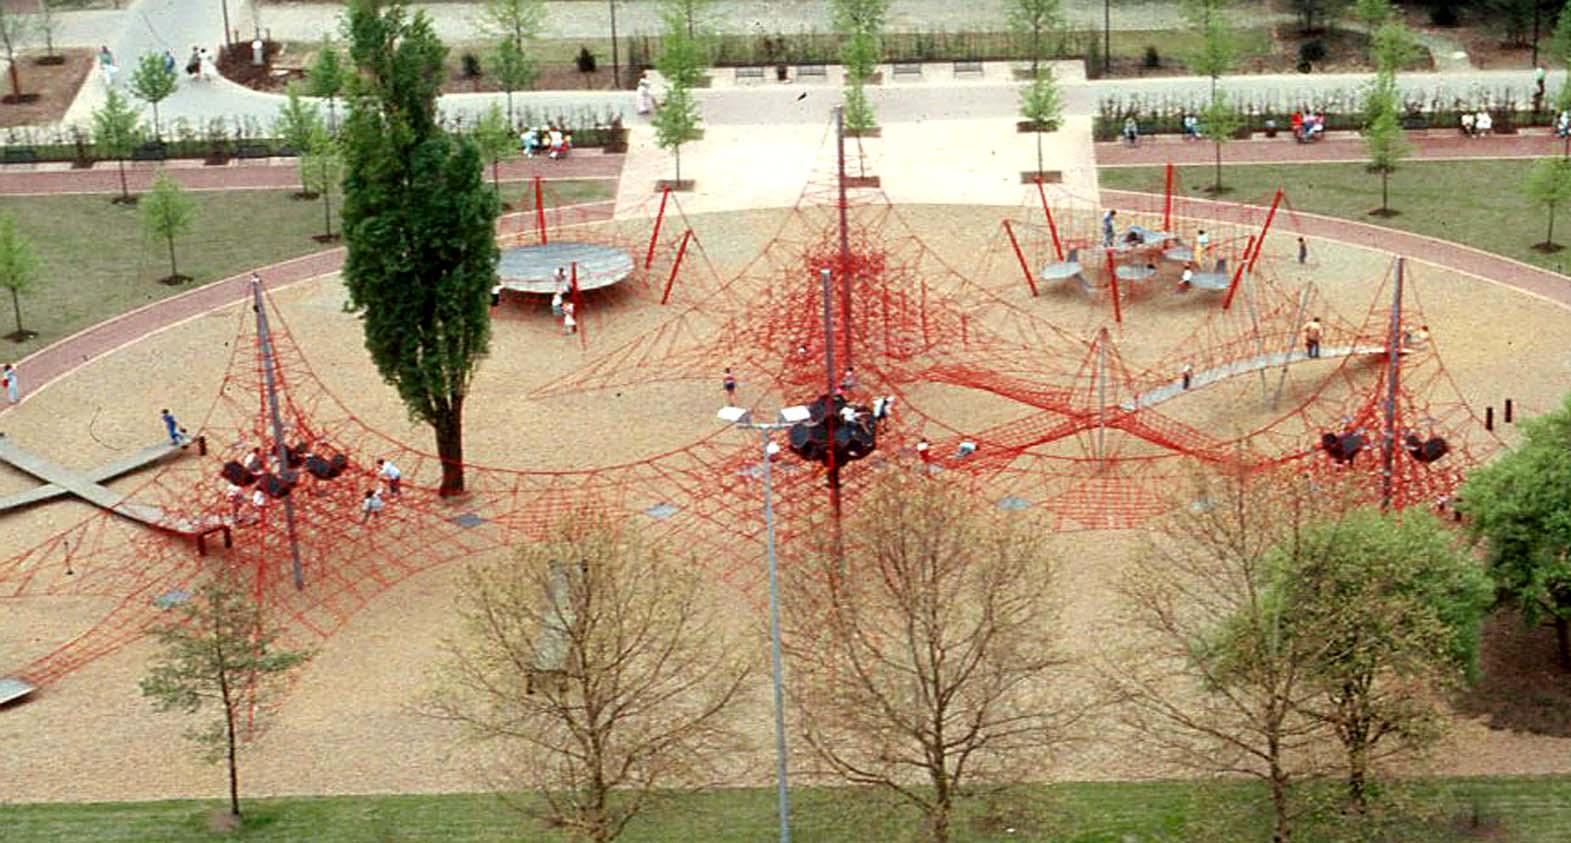 Klettergerüst Aus Seilen : Ein klettergerüst auf einem kinderspielplatz in berlin im herbst